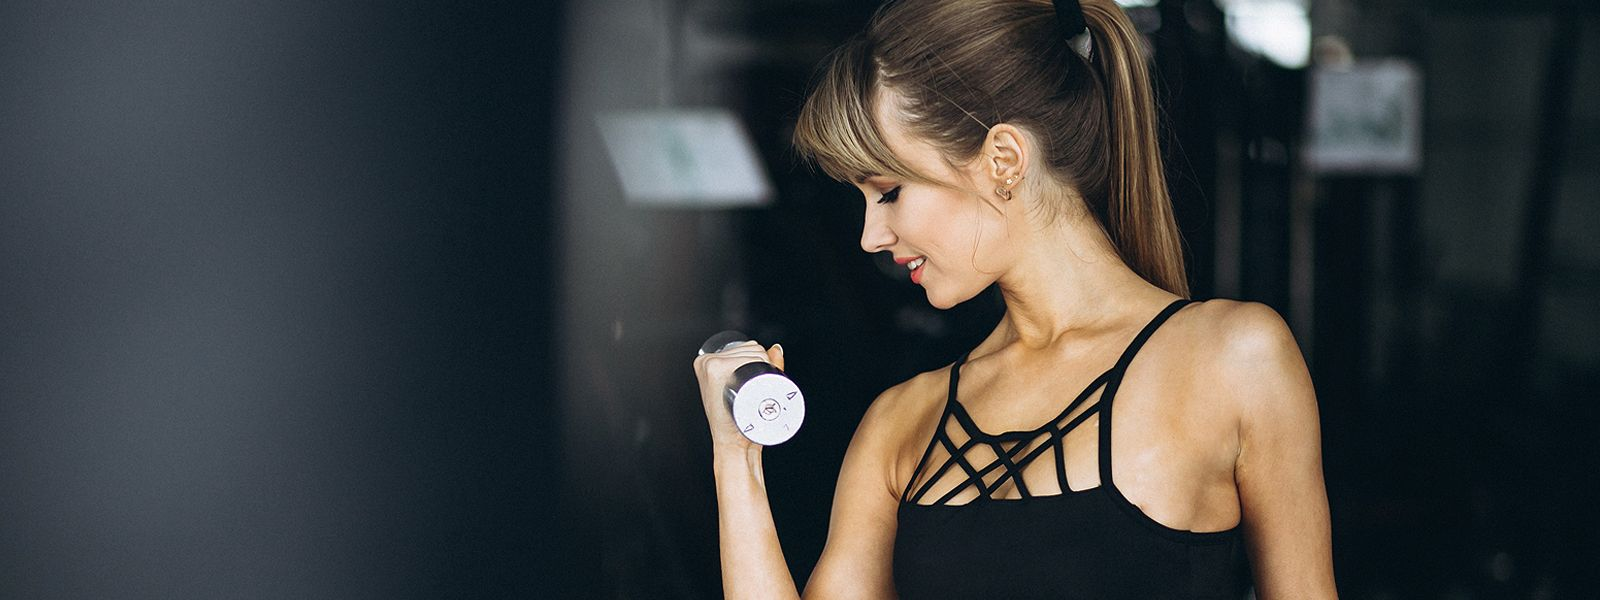 30 minutos de ejercicio al día contrarrestan una jornada laboral